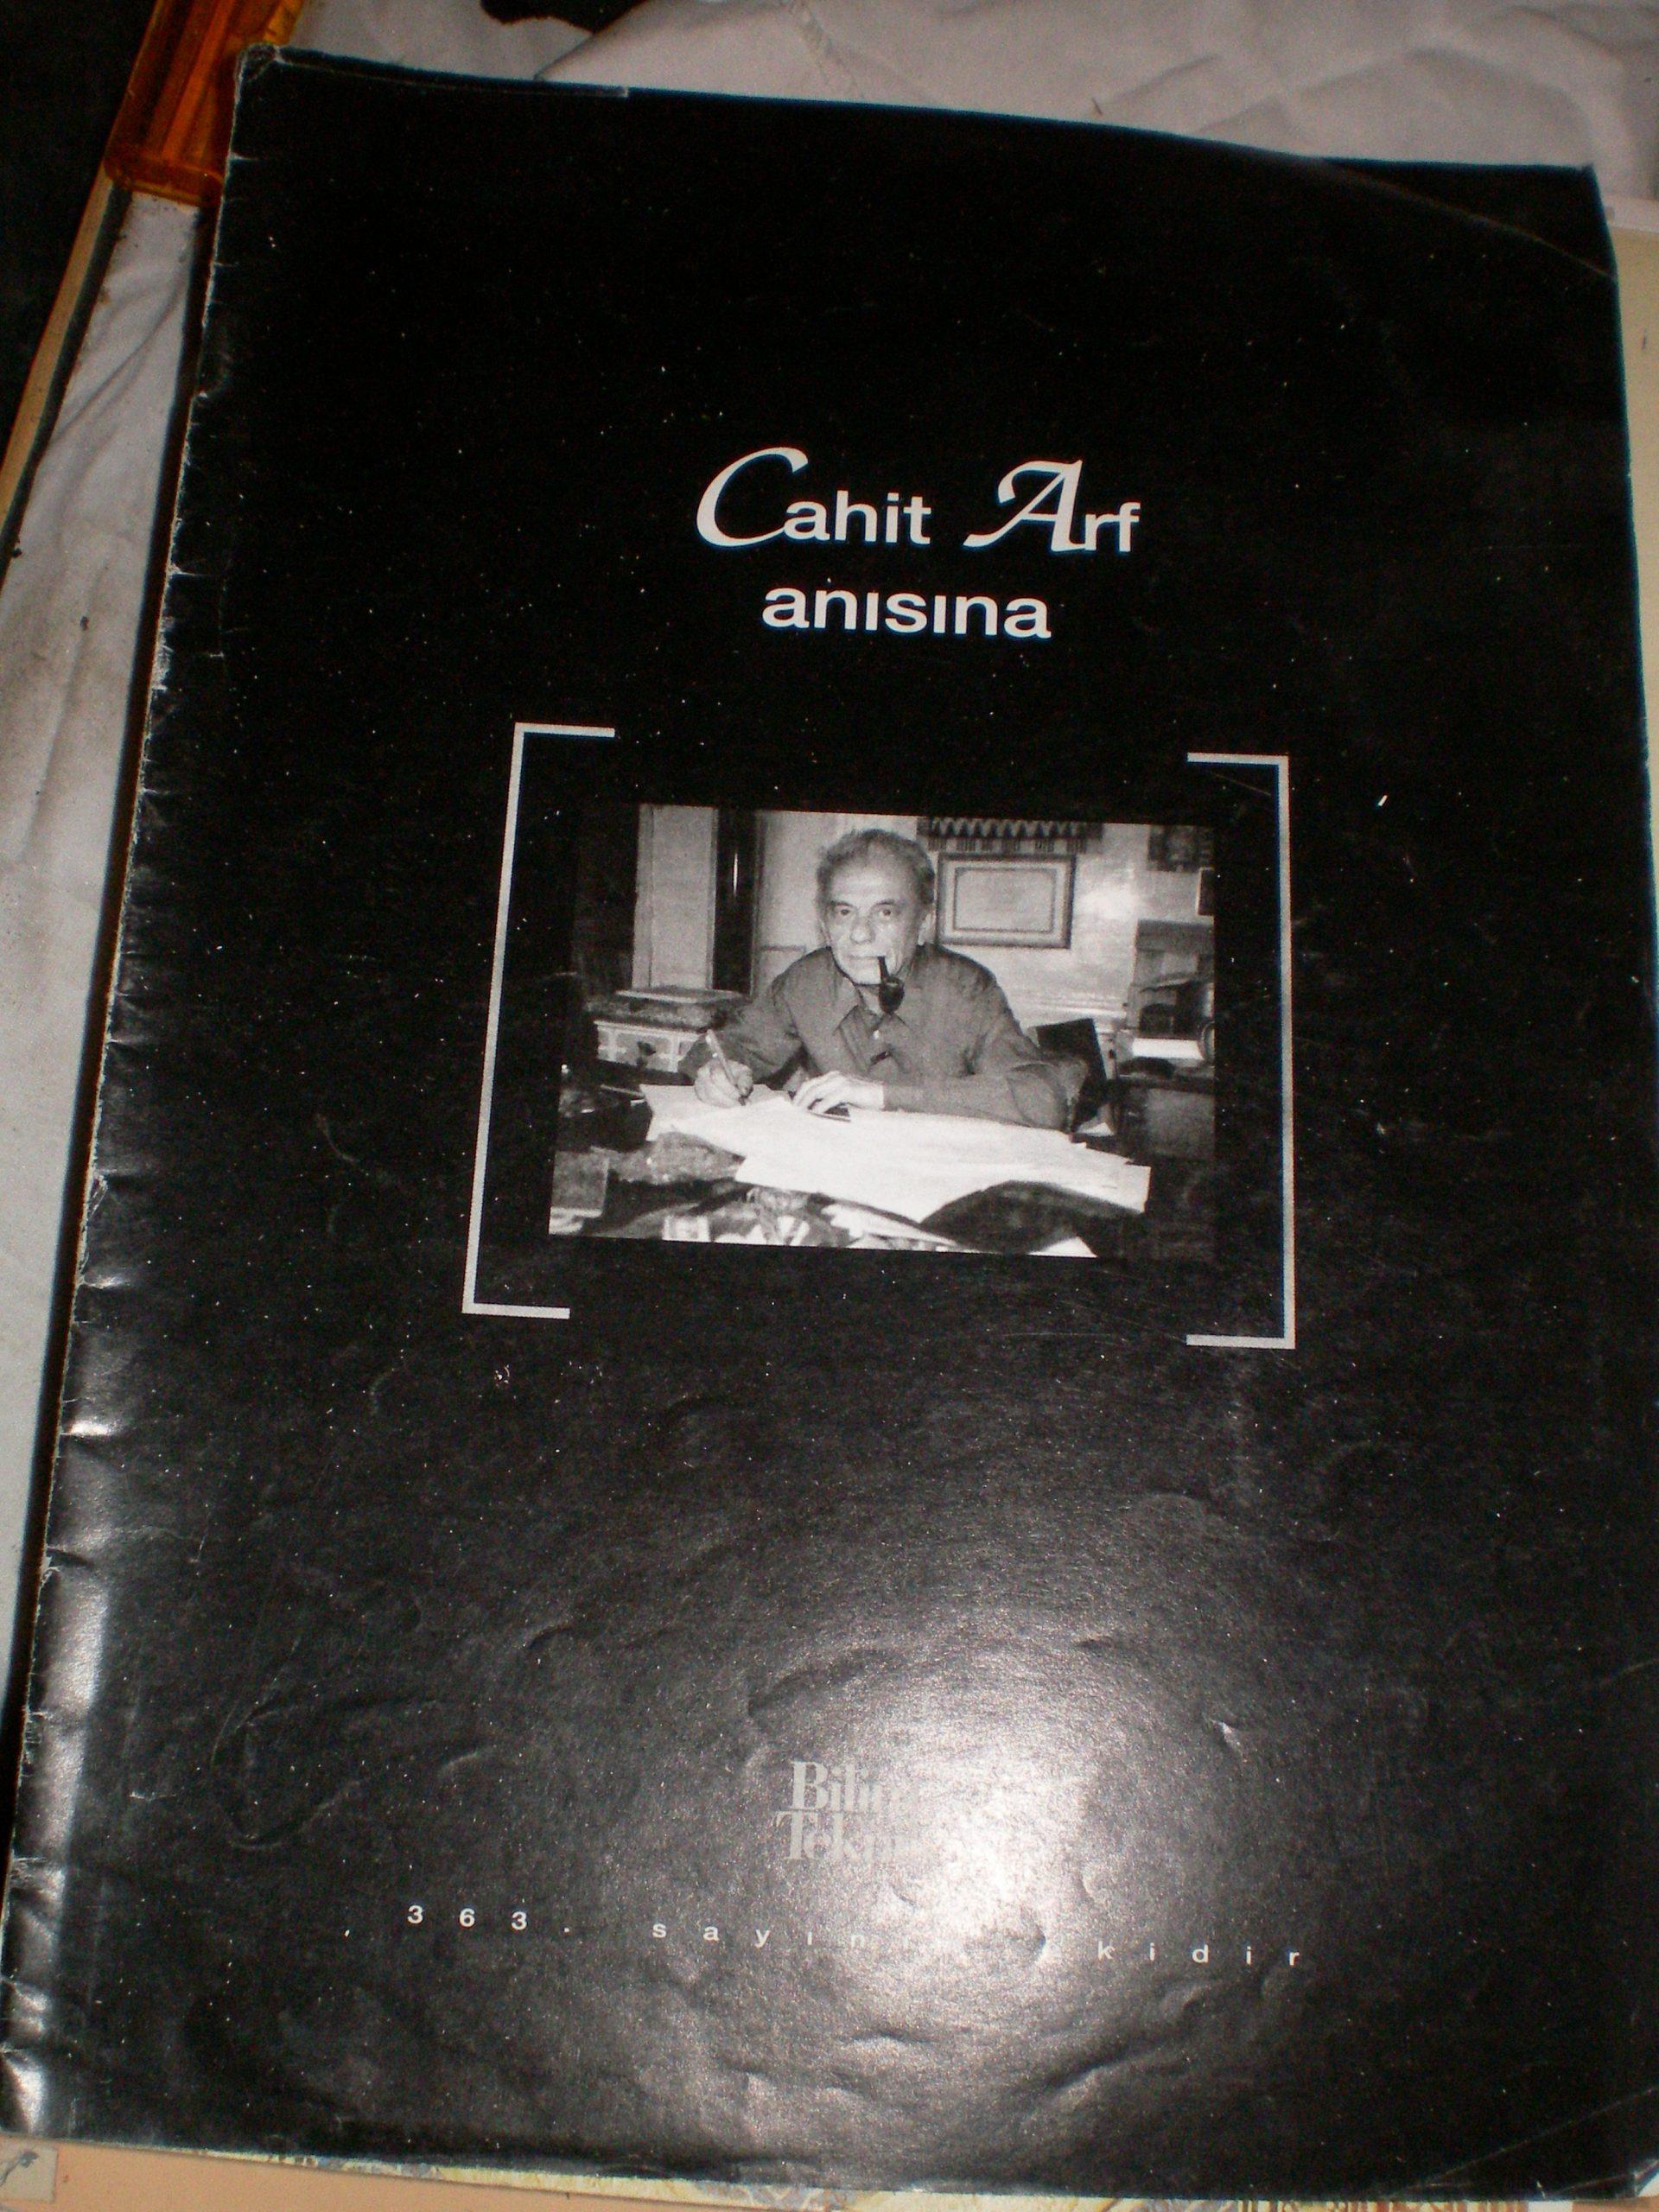 CAHİT ARF ANISINA/TÜBİTAK Bilim ve Teknik Dergisi ek/ 15 tl